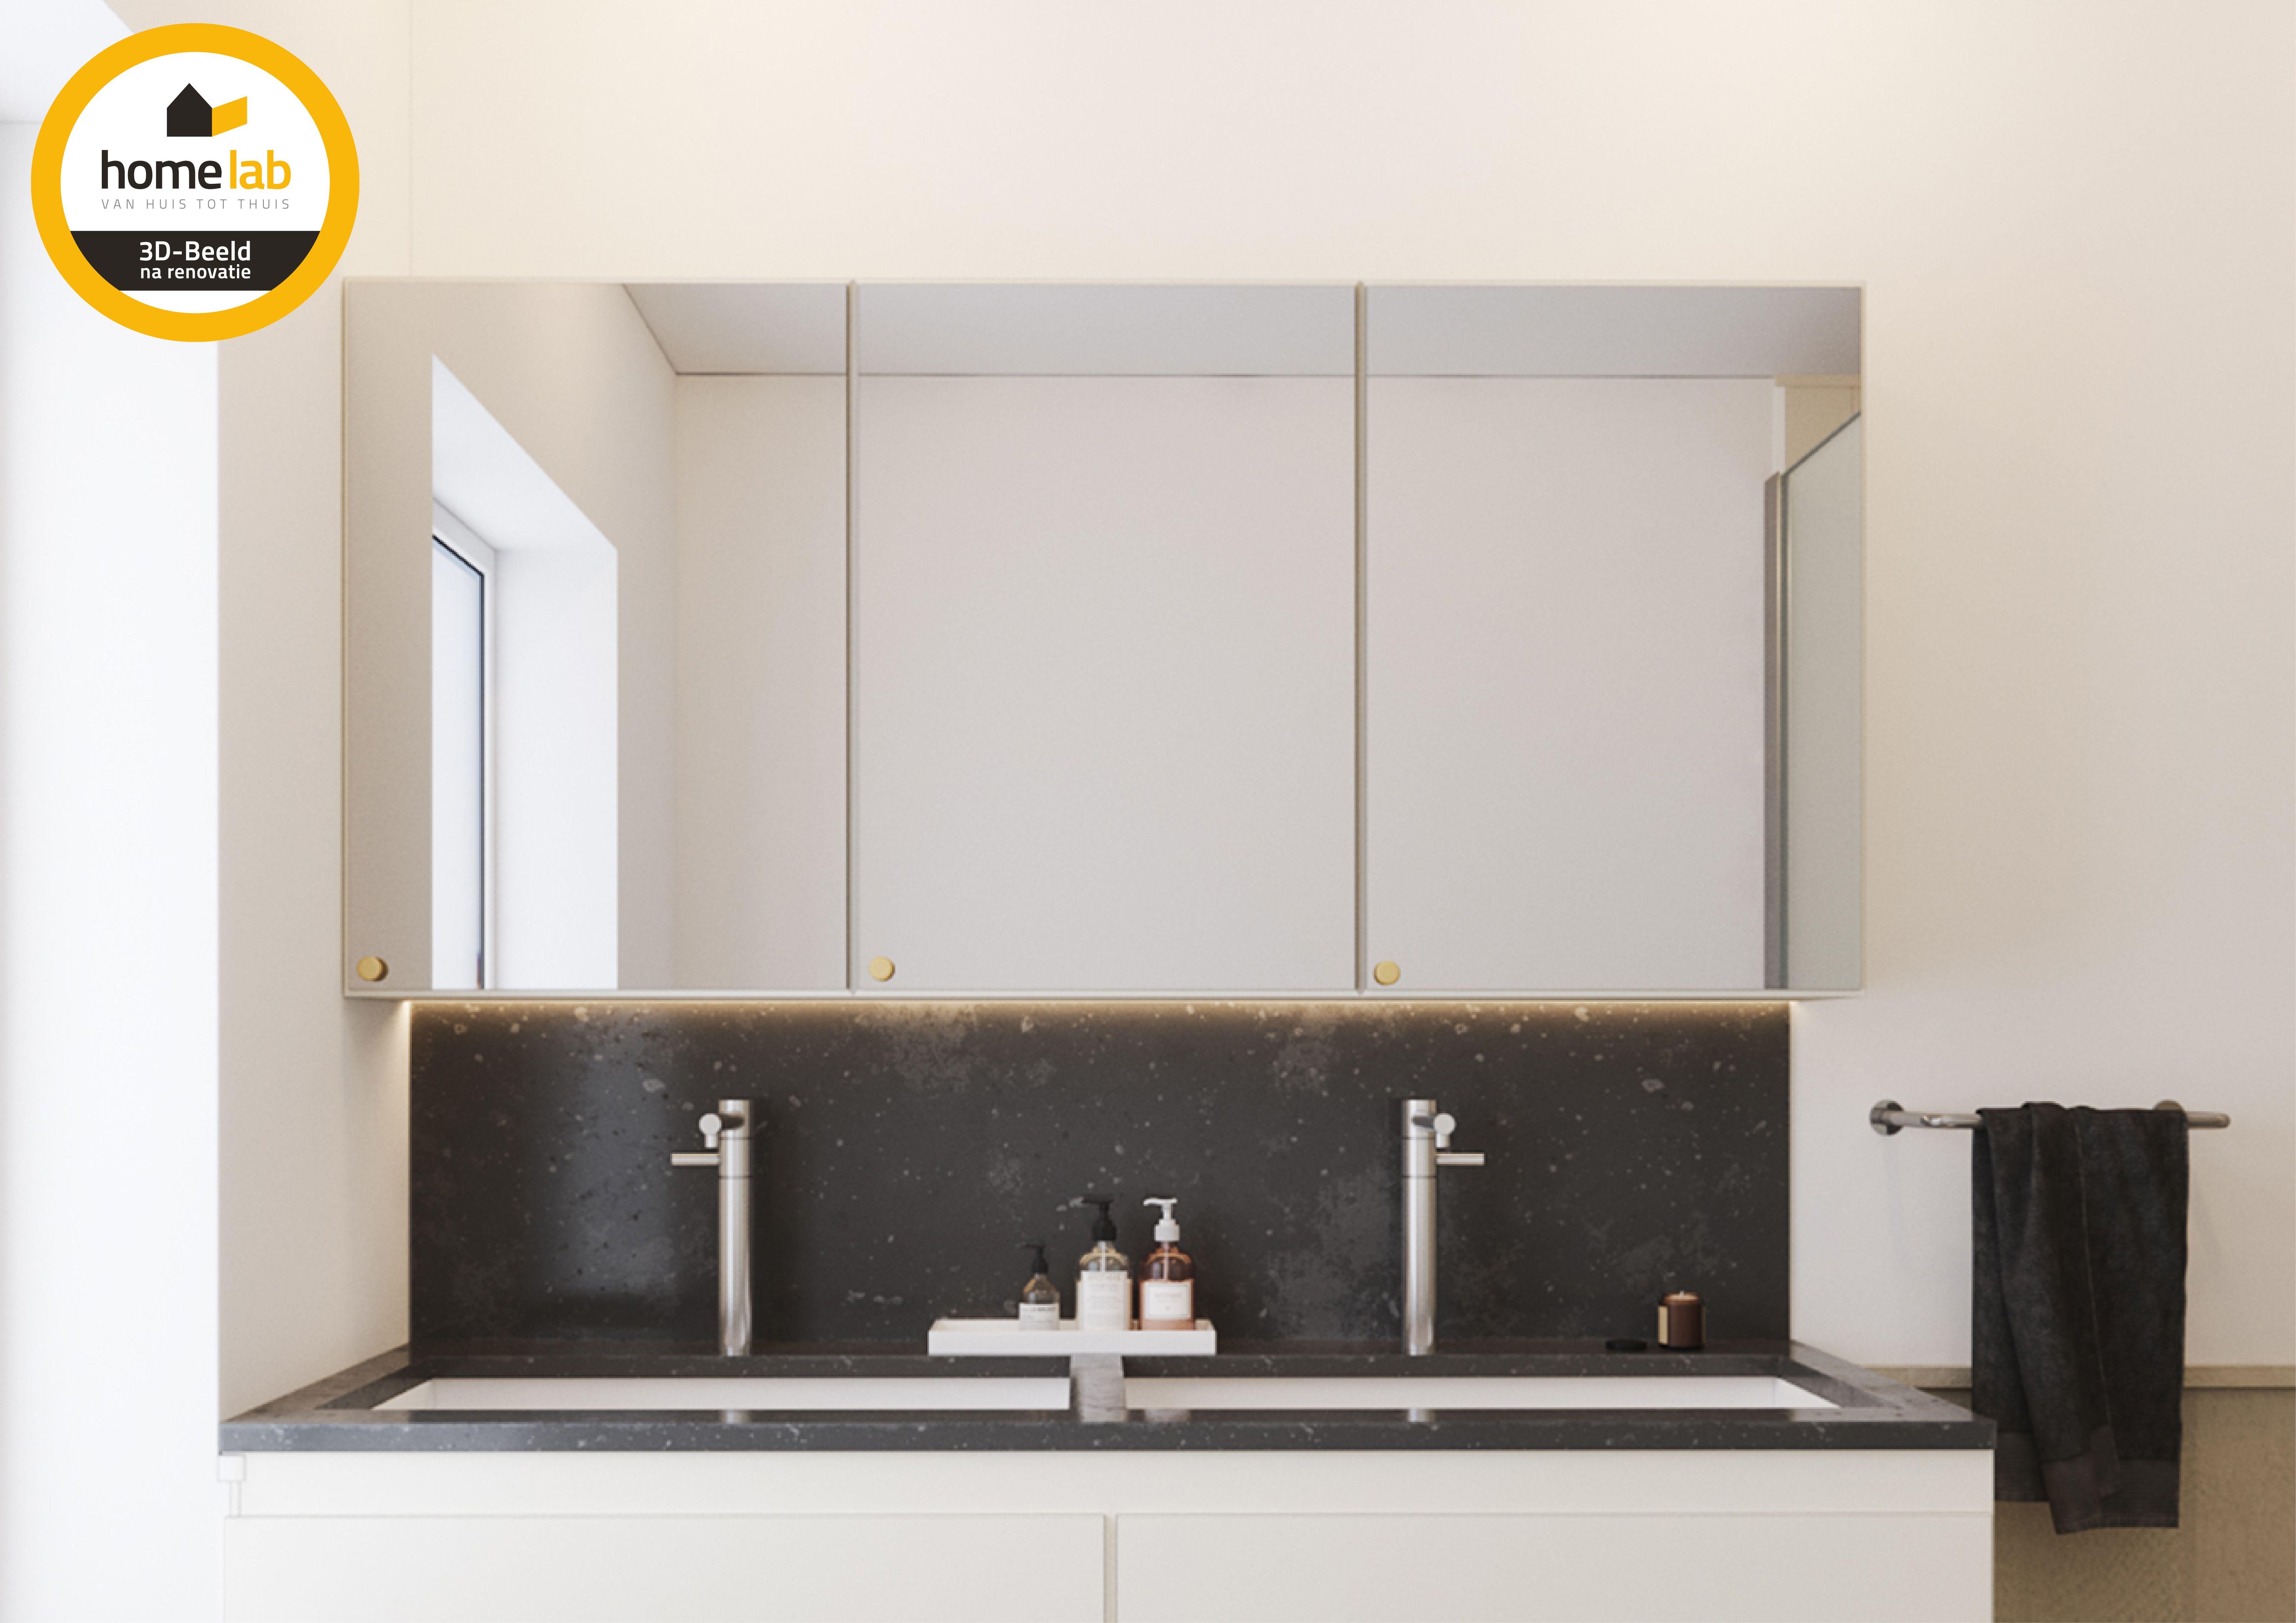 Renovatie Badkamer Tienen : Moderne badkamer #homelabprojects #renovatie #renovation #badkamer